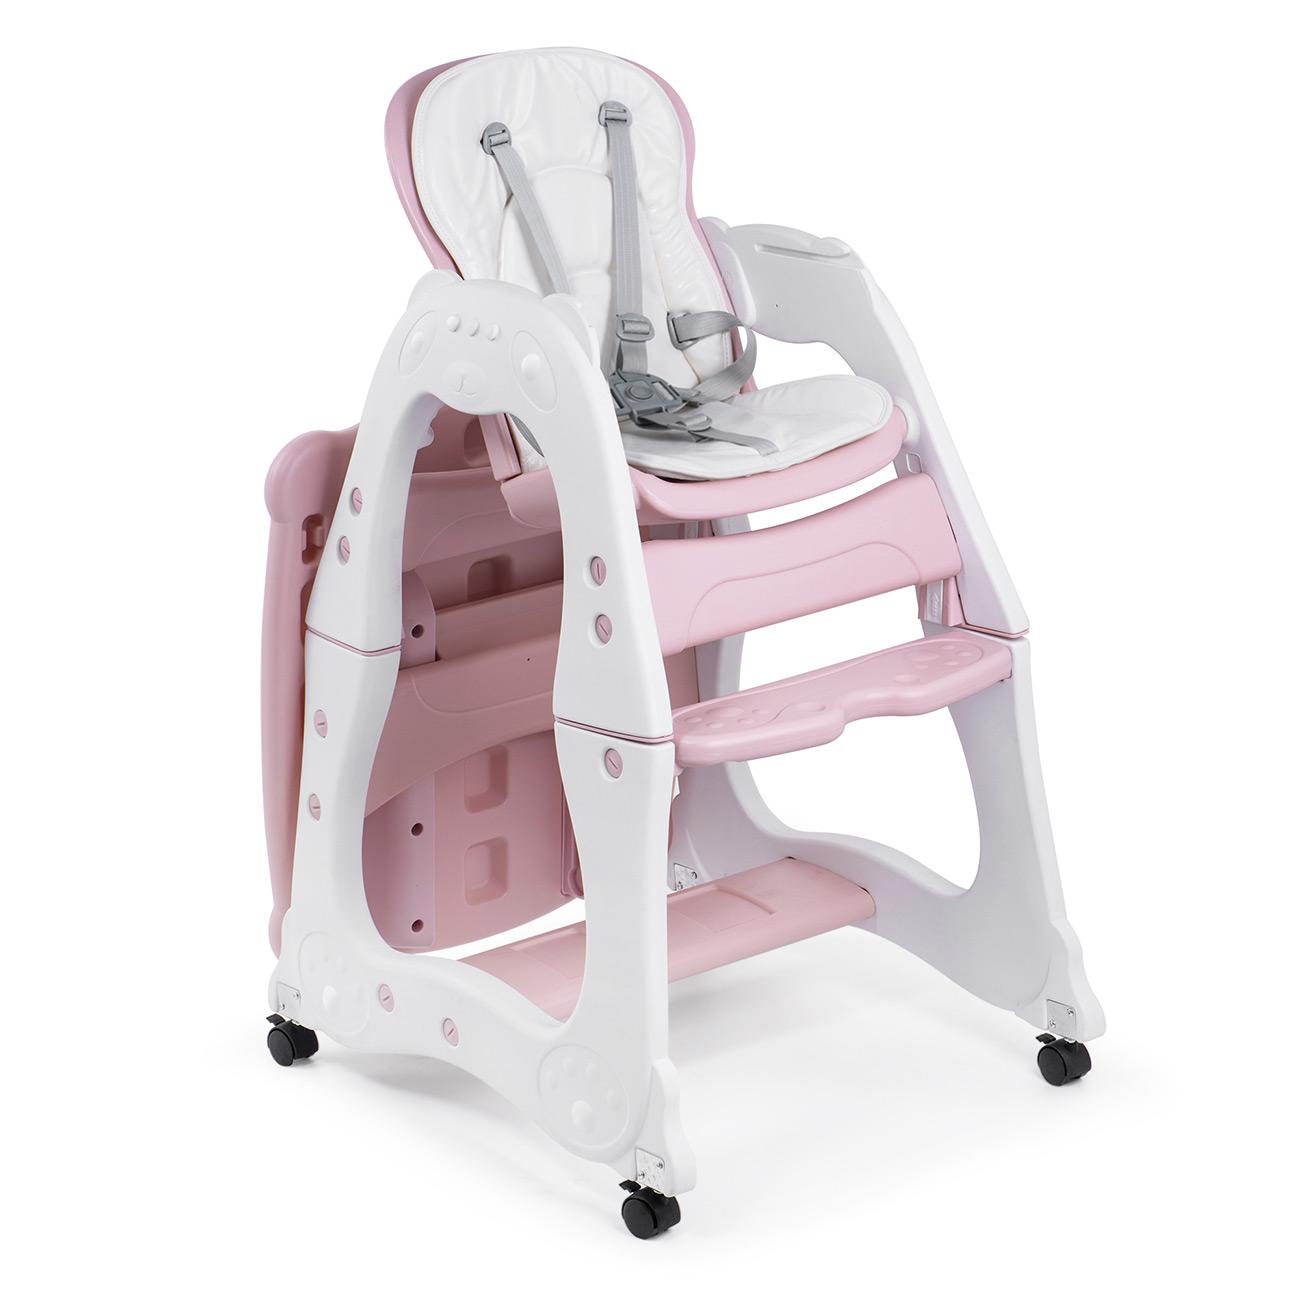 Baby Hochstuhl Mit Tisch.Baby Vivo 2 In 1 Kinderhochstuhl Kombihochstuhl Aus Kunststoff Mit Tisch Und Rollen Mara In Rosa